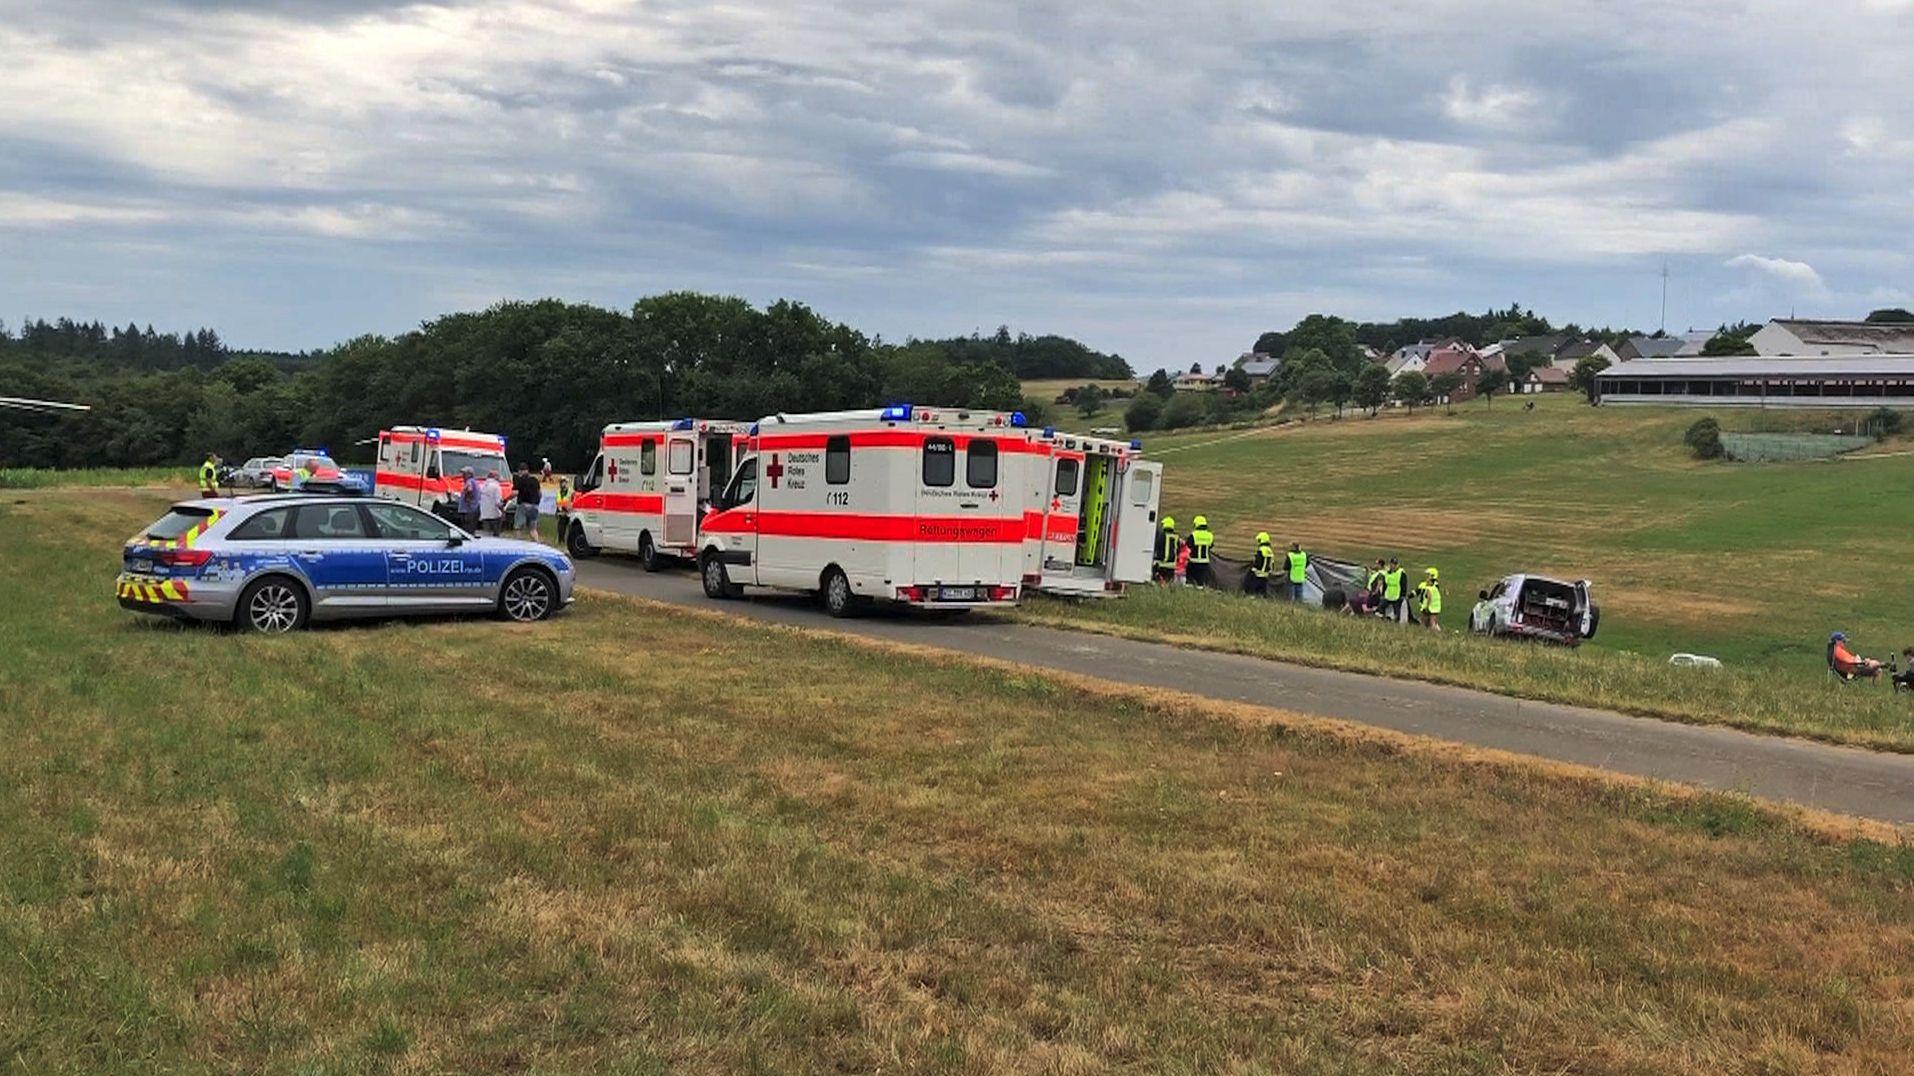 Bild von der Unfallstelle mit Polizei und Rettungswagen.